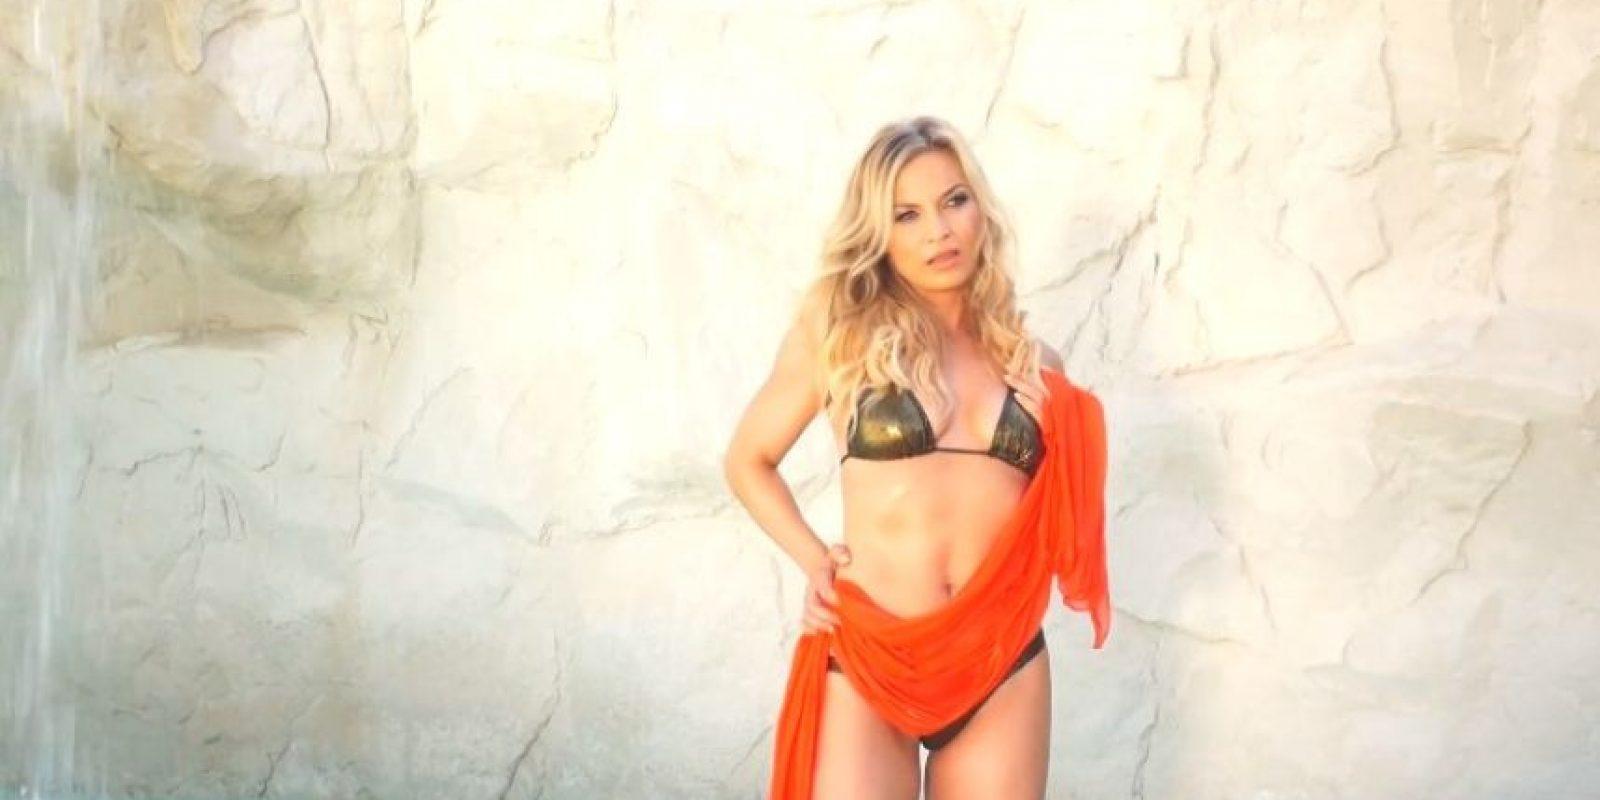 Regina Helmich demostró que a sus 38 años aún mantiene su escultural cuerpo Foto:Playboy